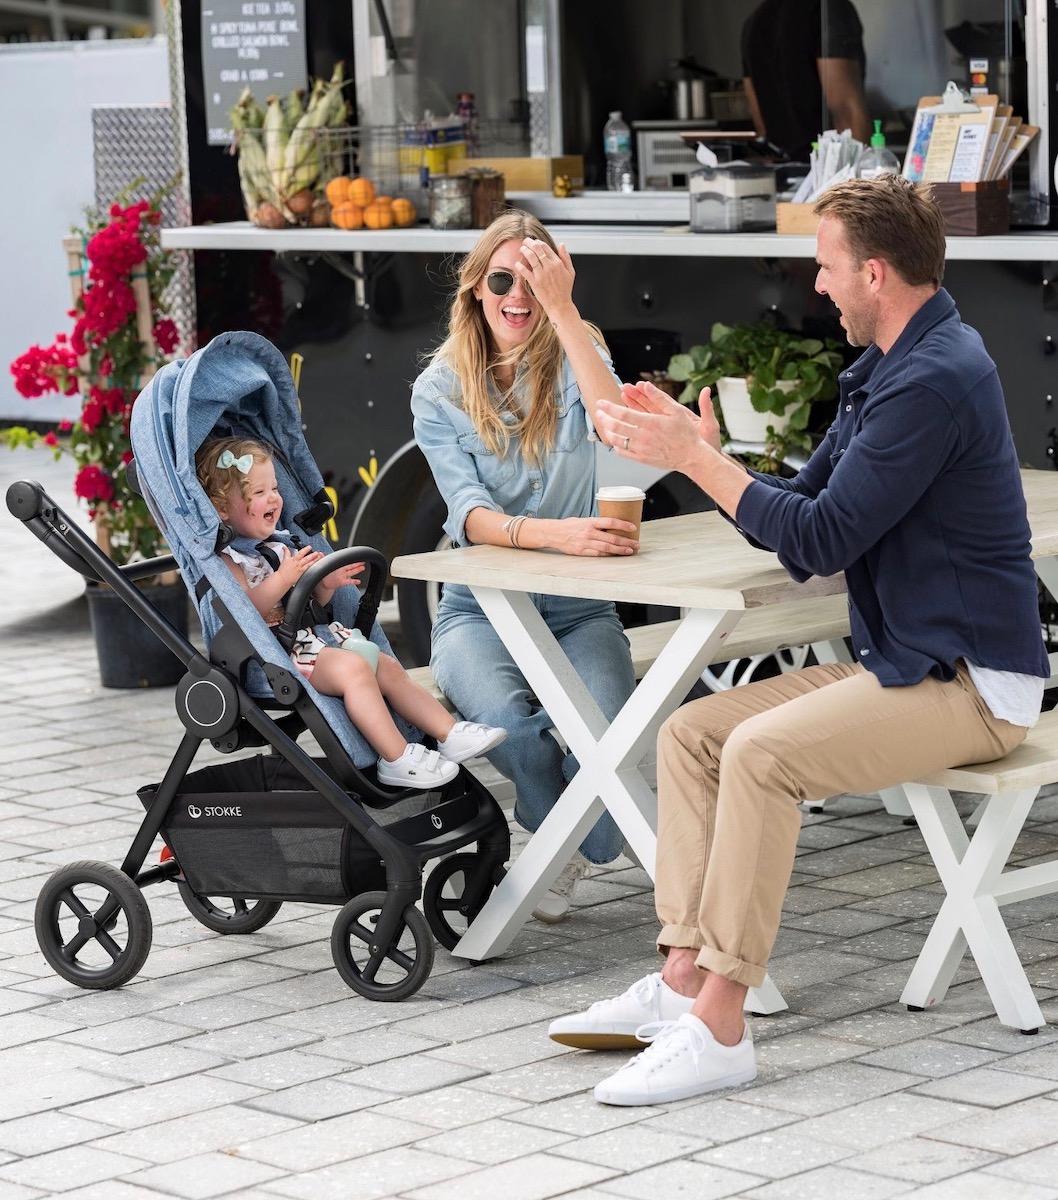 beat stokke baby bébé poussette tendance confort pour bébé - blog déco - clemaroundthecorner